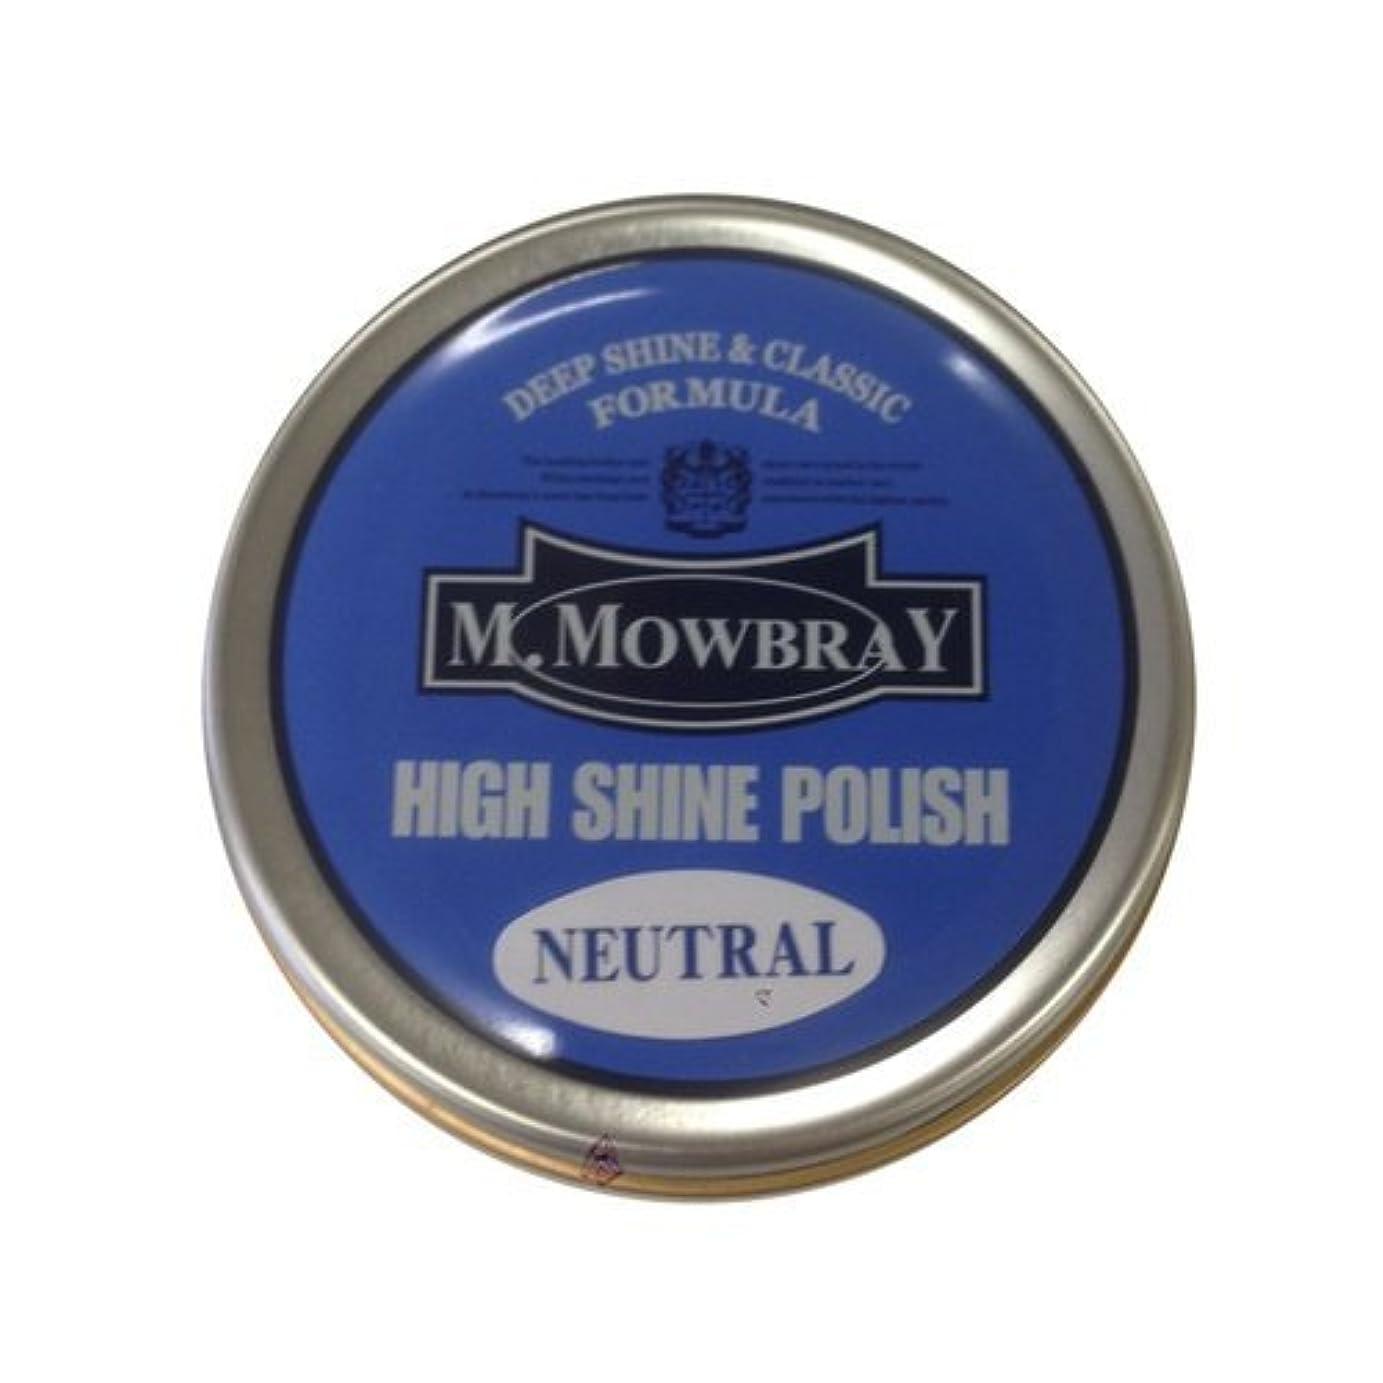 買い物に行く懐疑的シーン[エムモゥブレィ] M.MOWBRAY ハイシャインポリッシュ